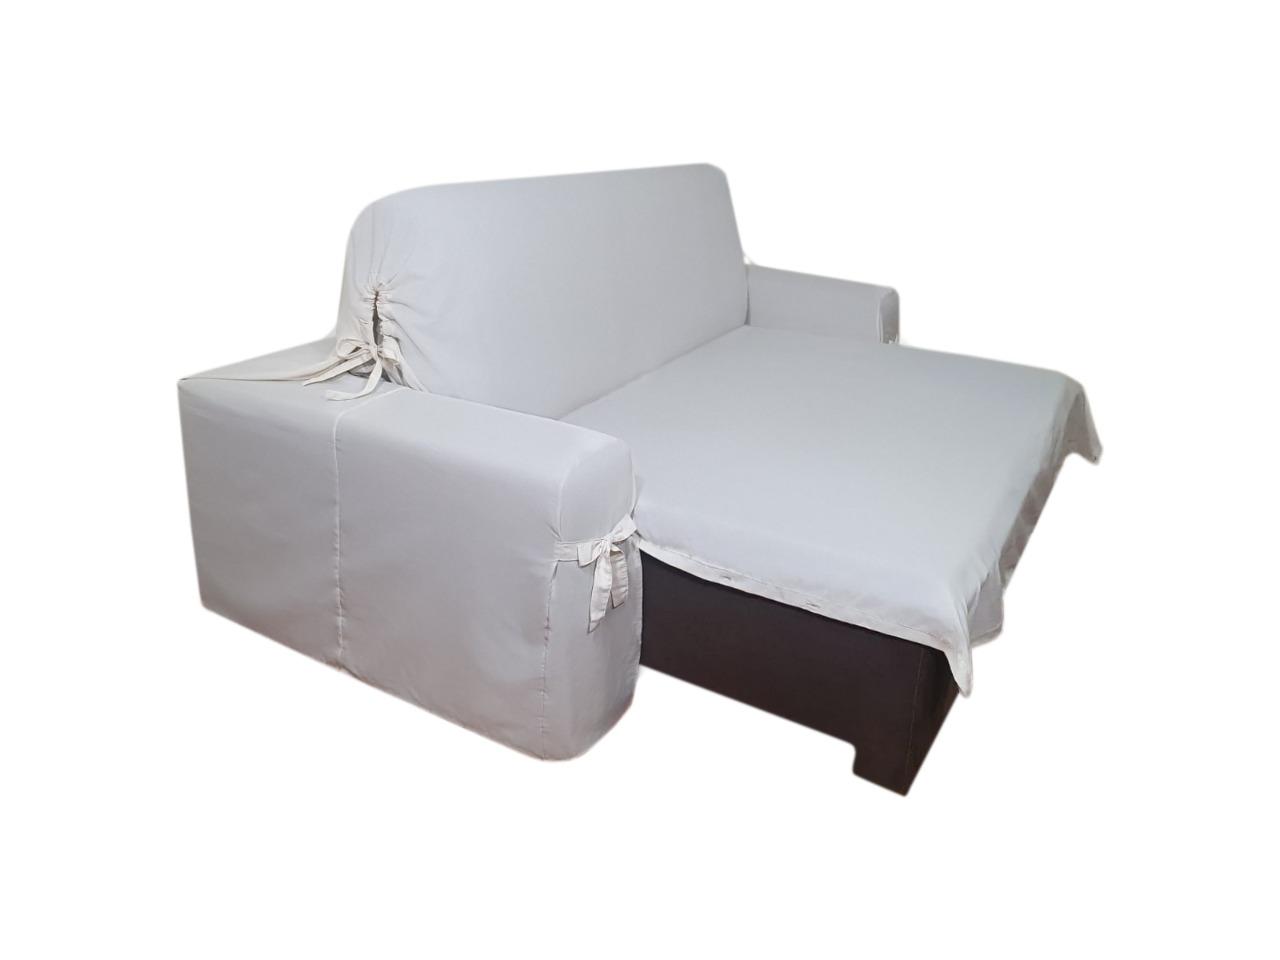 Capa p/ Sofá Retrátil e Reclinável em Acquablock Impermeável CRU - Veste Sofás de 2,66m até 2,95m